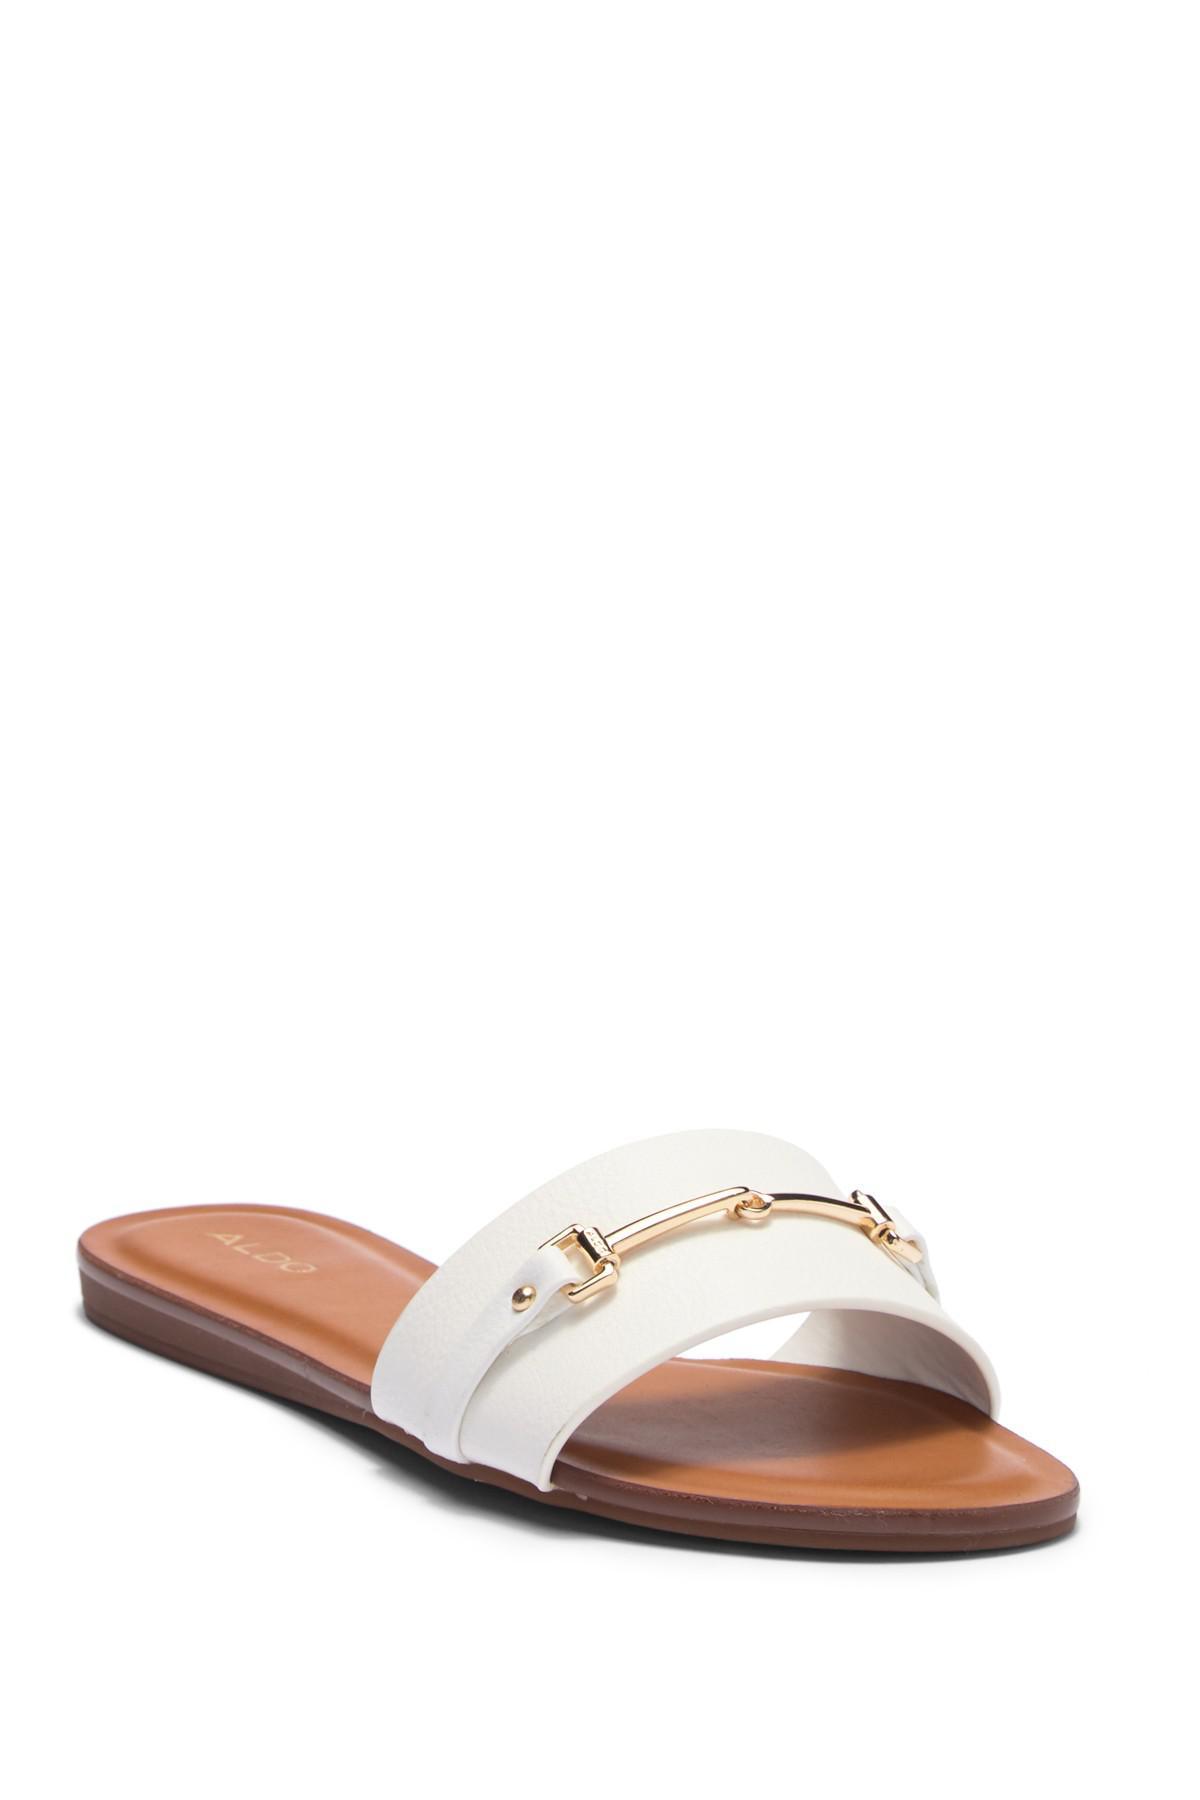 Aldo Gwulle Slide Sandal Tkeyb